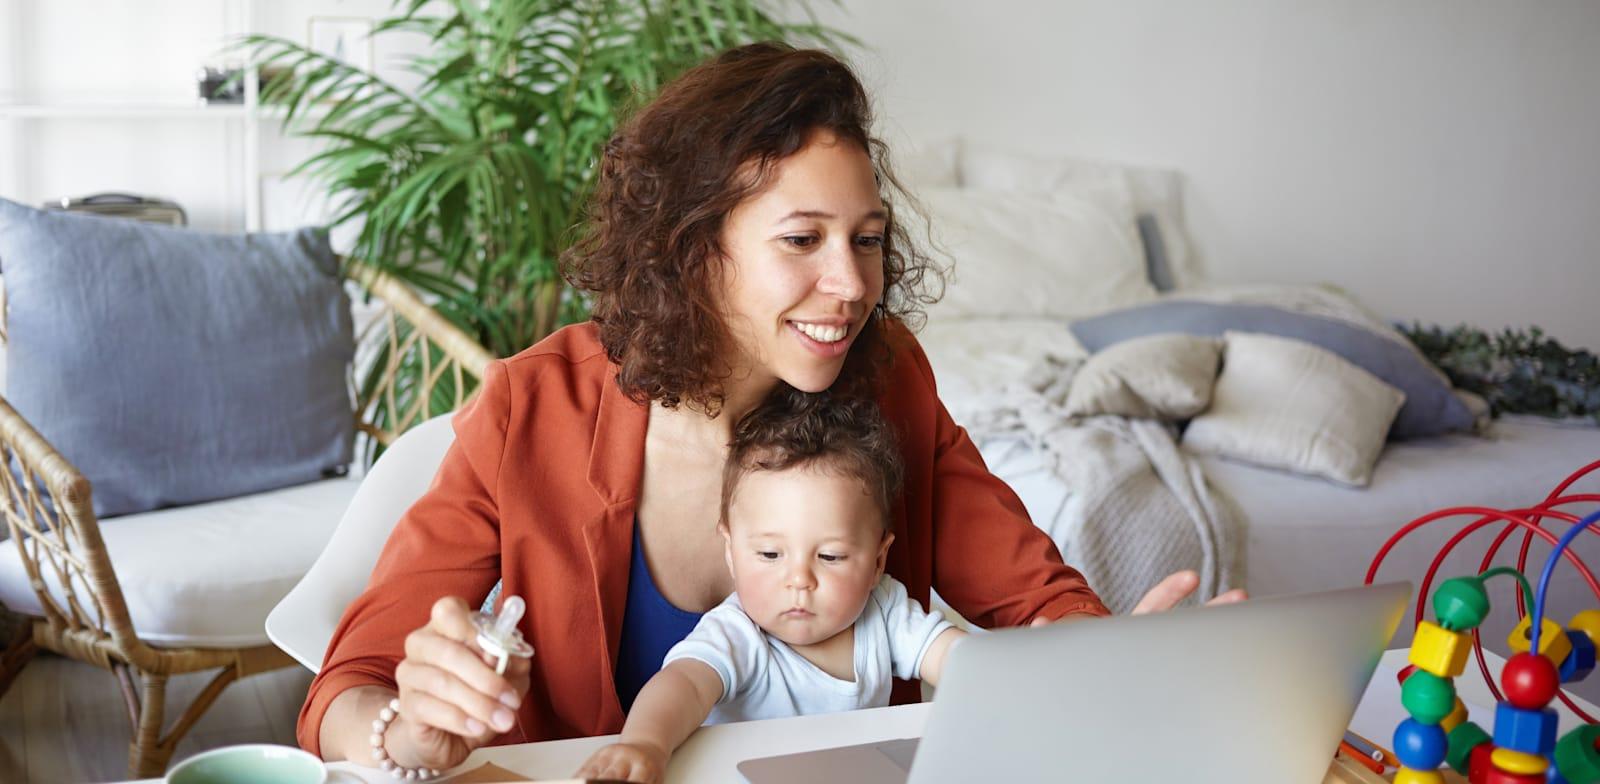 עבודה מהבית. את תקלות התקשורת יכול איש ה-IT לפתור כיום באופן יזום, מבלי שהעובד אפילו יבחין שטיפלו במחשב / צילום: Adobe Stock